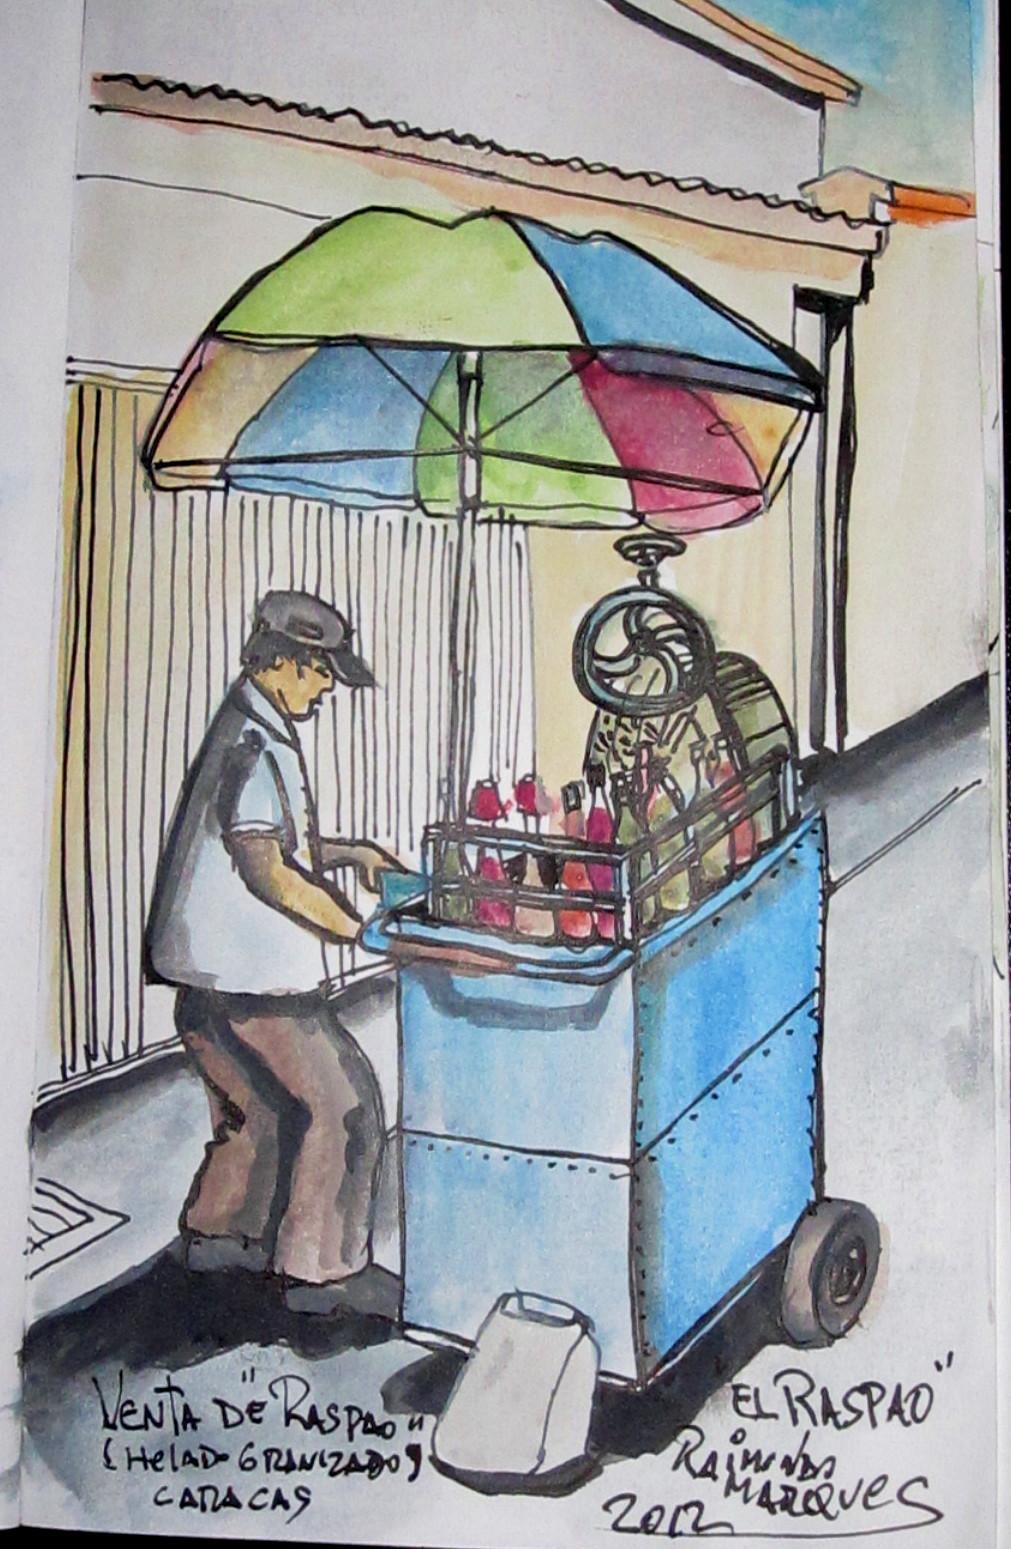 Block De Dibujo De Raimundo Marques Abril 2012